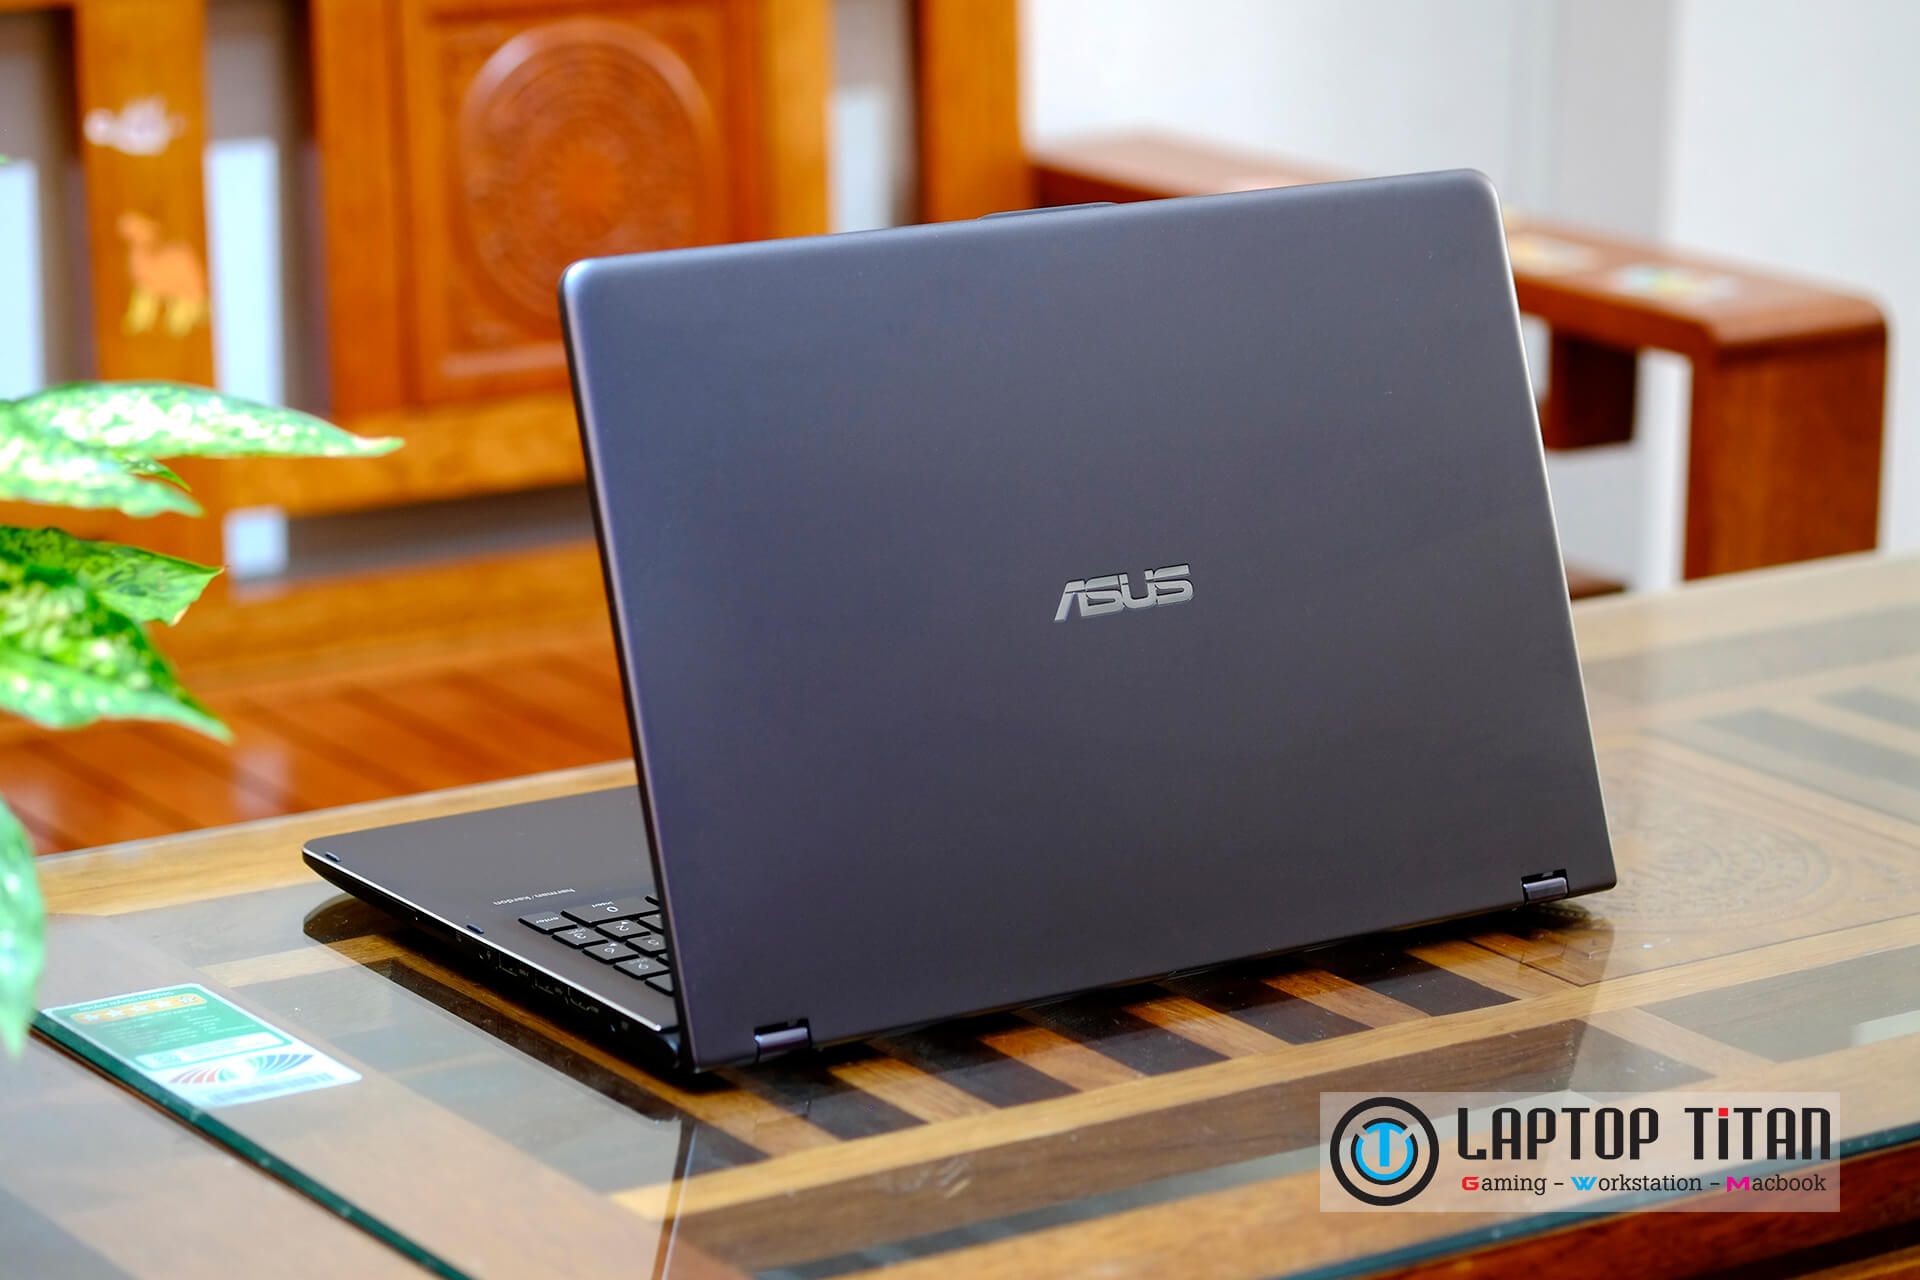 Asus-Q535ud-6